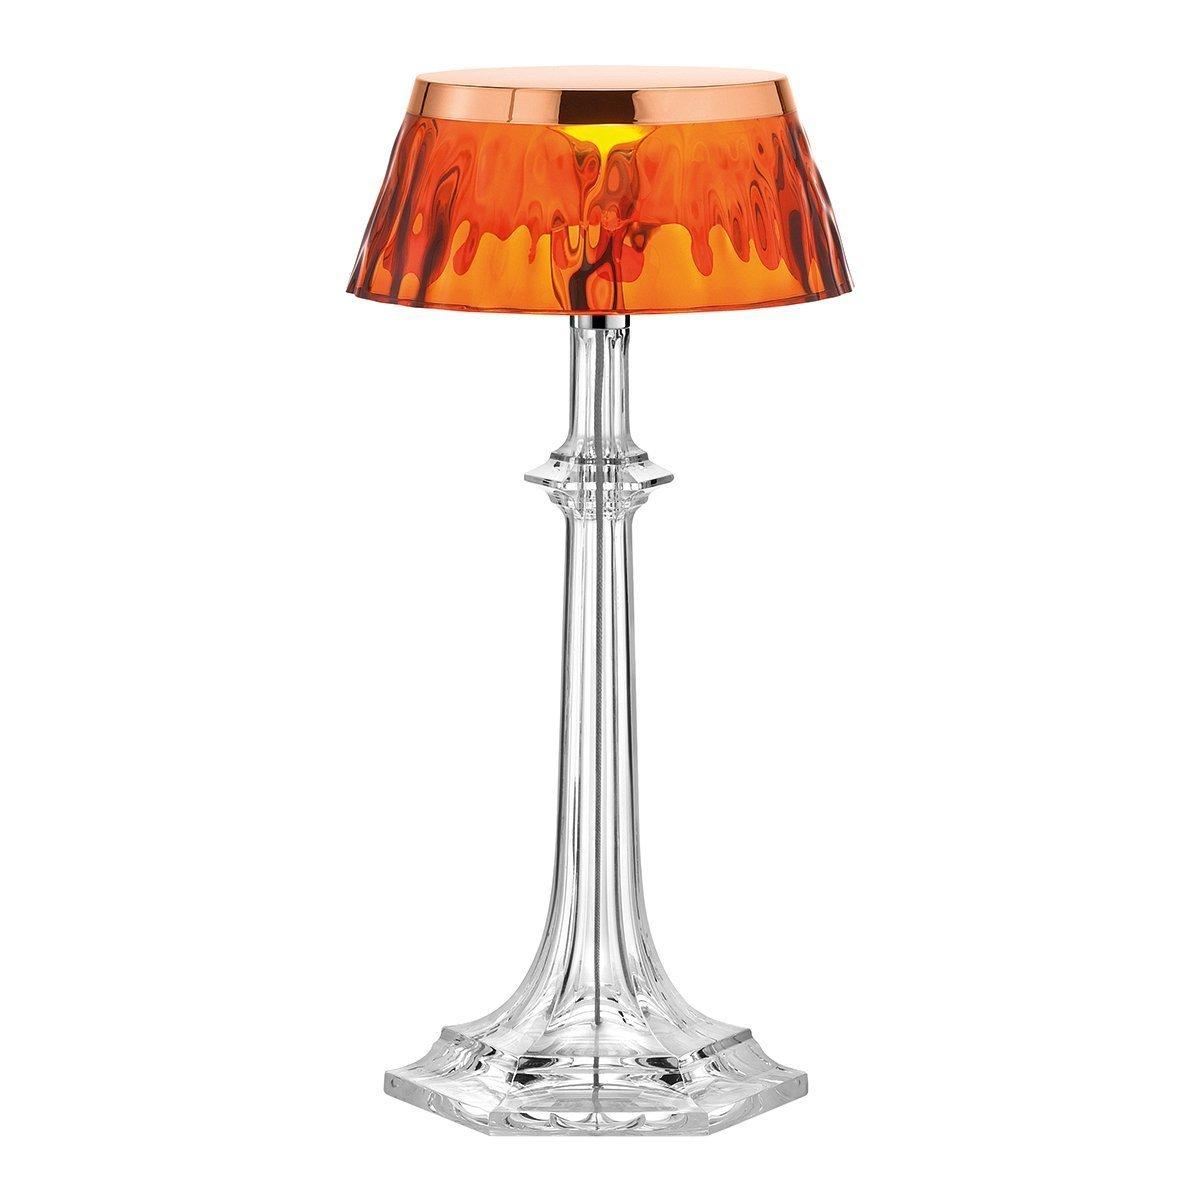 FLOS Bon Jour Versailles Small Tafellamp - Koper - Amber